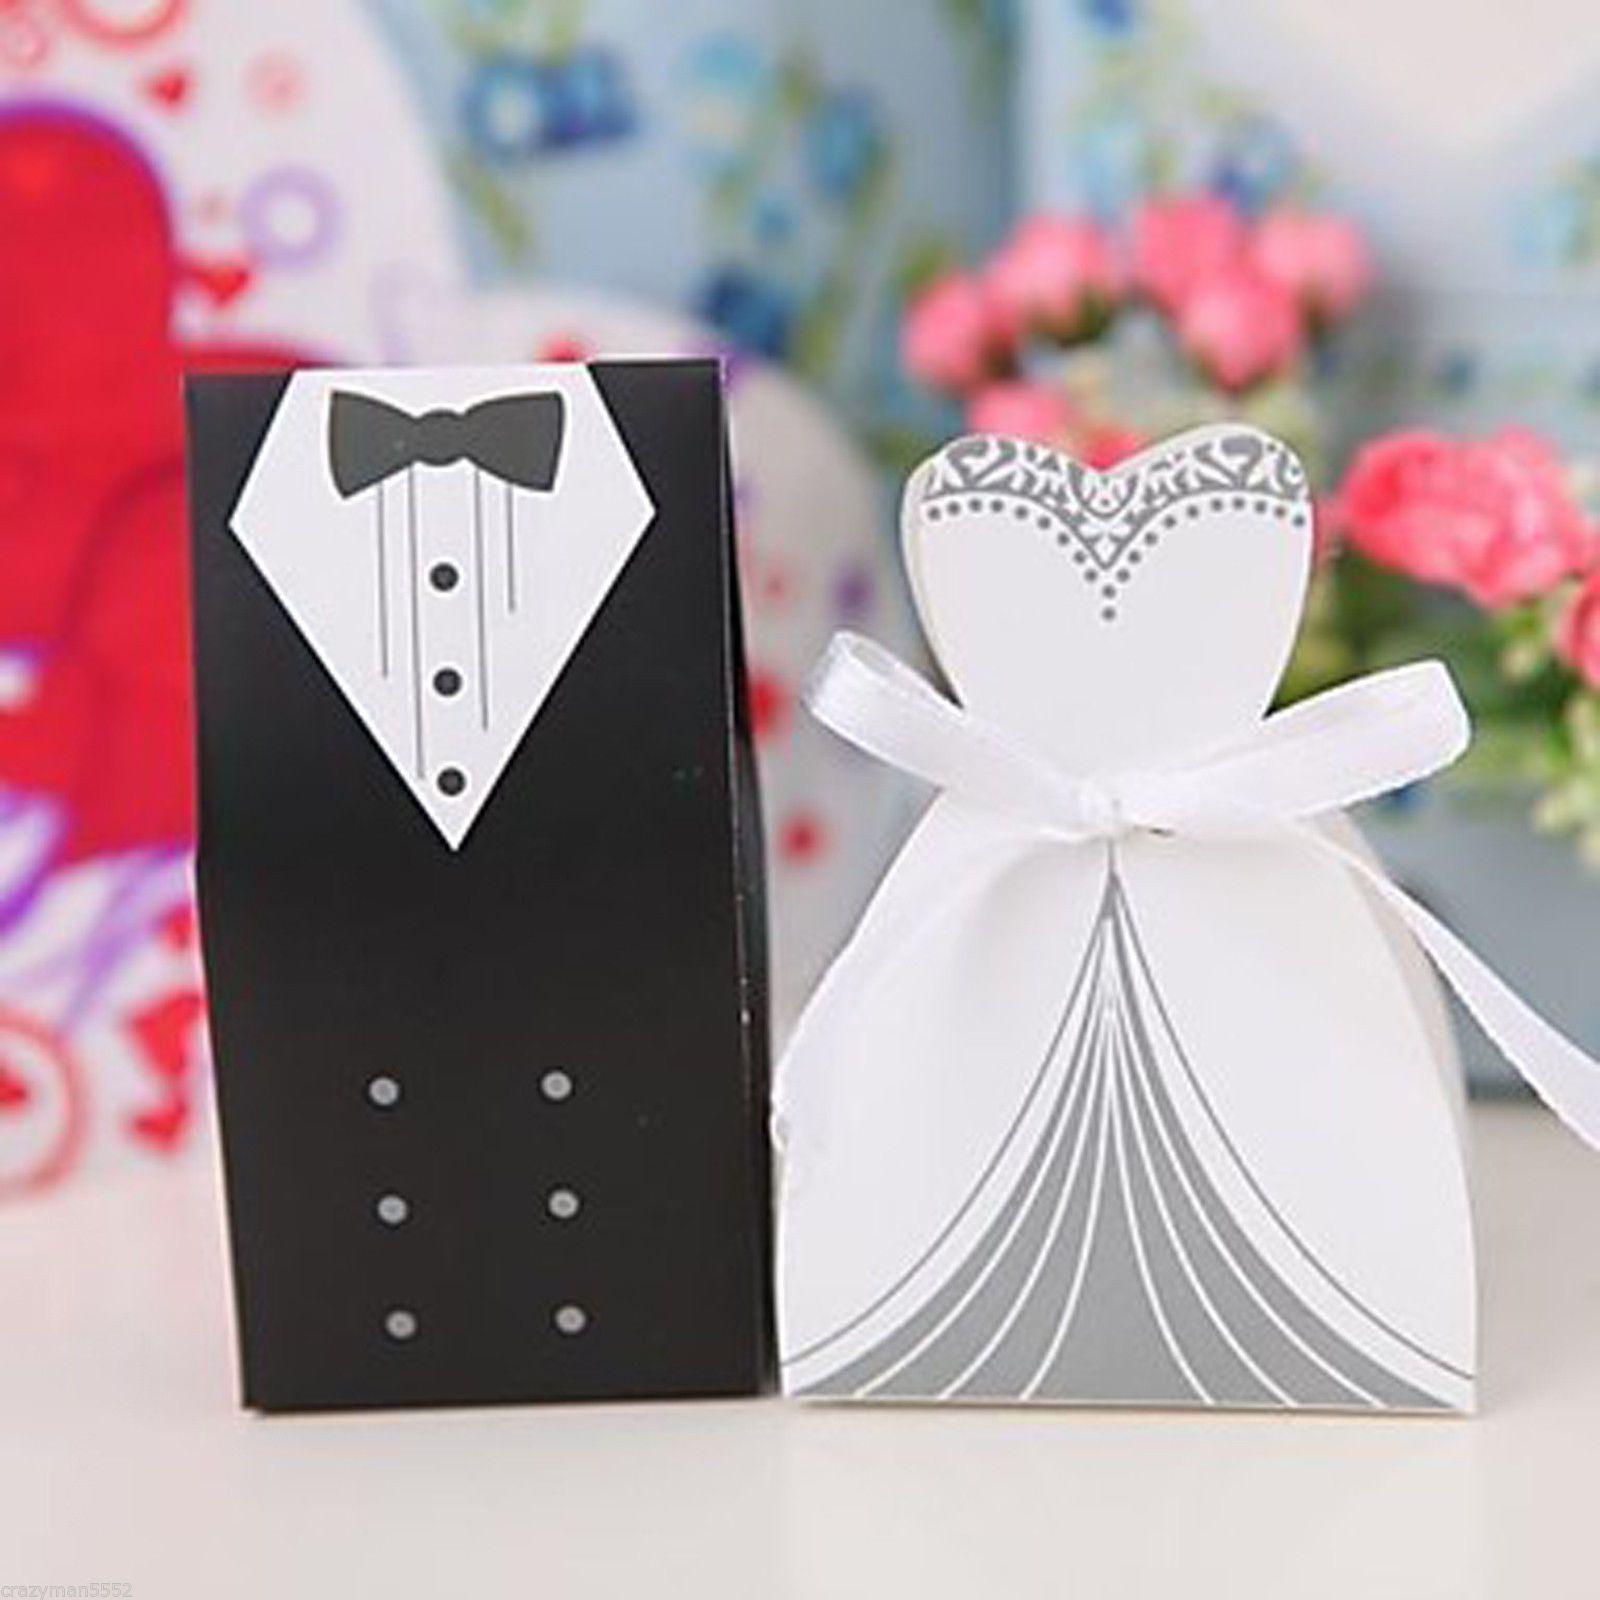 Le scatole di cerimonia nuziale della scatola della sposa e dello sposo di trasporto libero + nuove favoriscono i favori di nozze delle scatole, = /